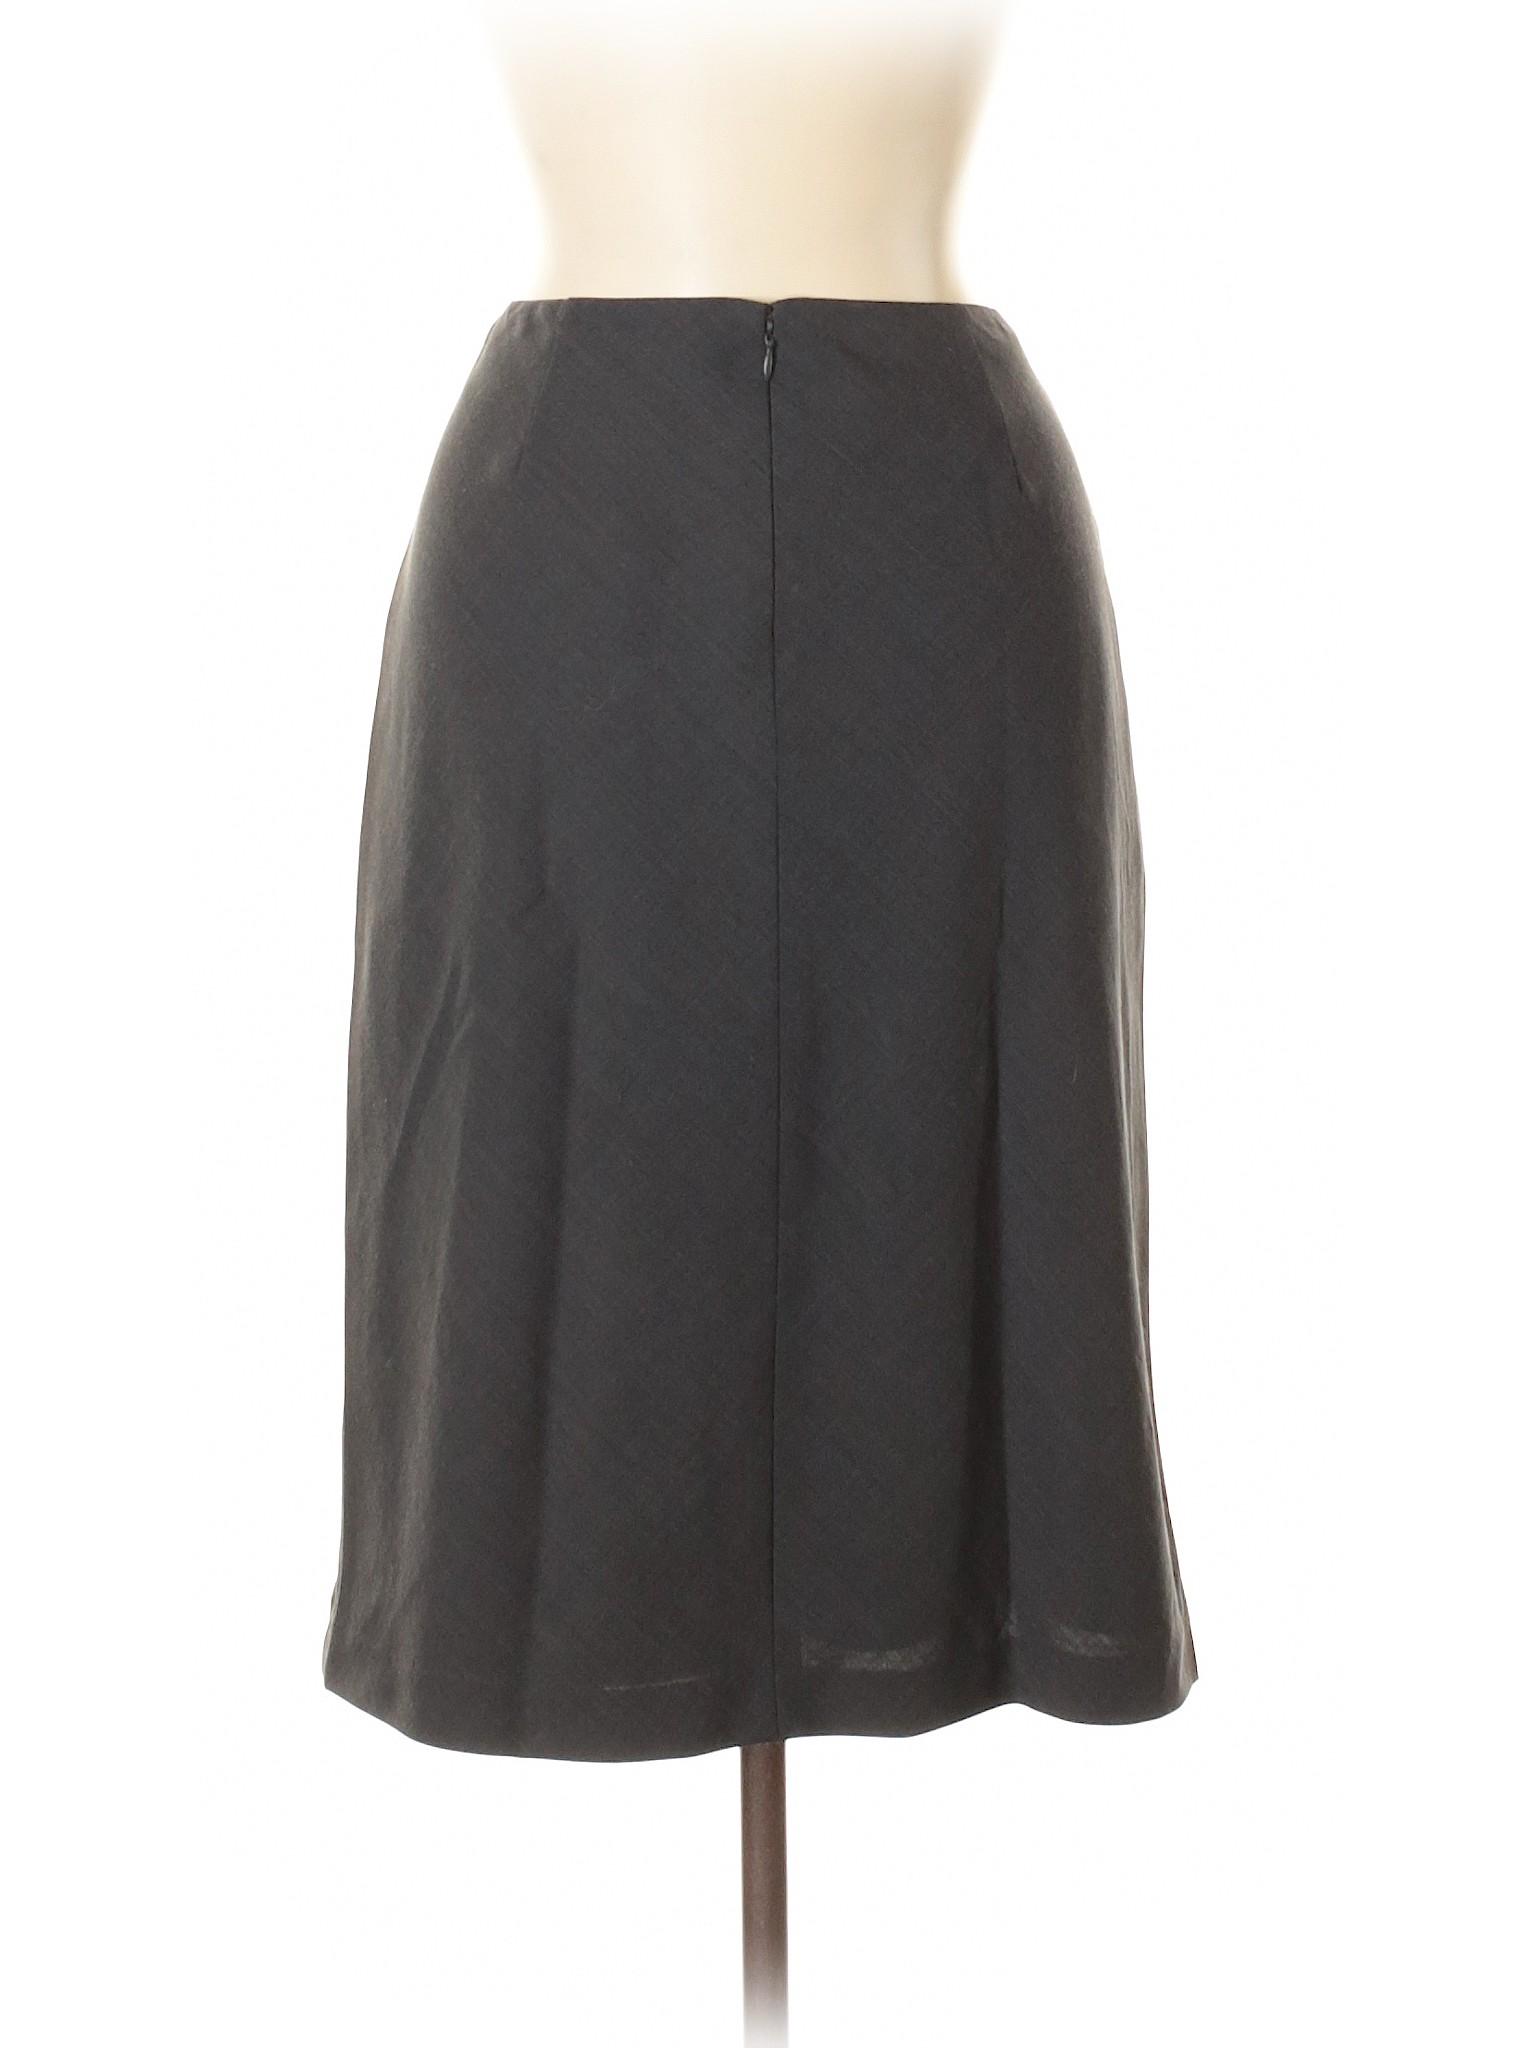 Brooks Wool Brooks Brothers Boutique Brooks Boutique Skirt Wool Boutique Brothers Skirt wqgHZt7q